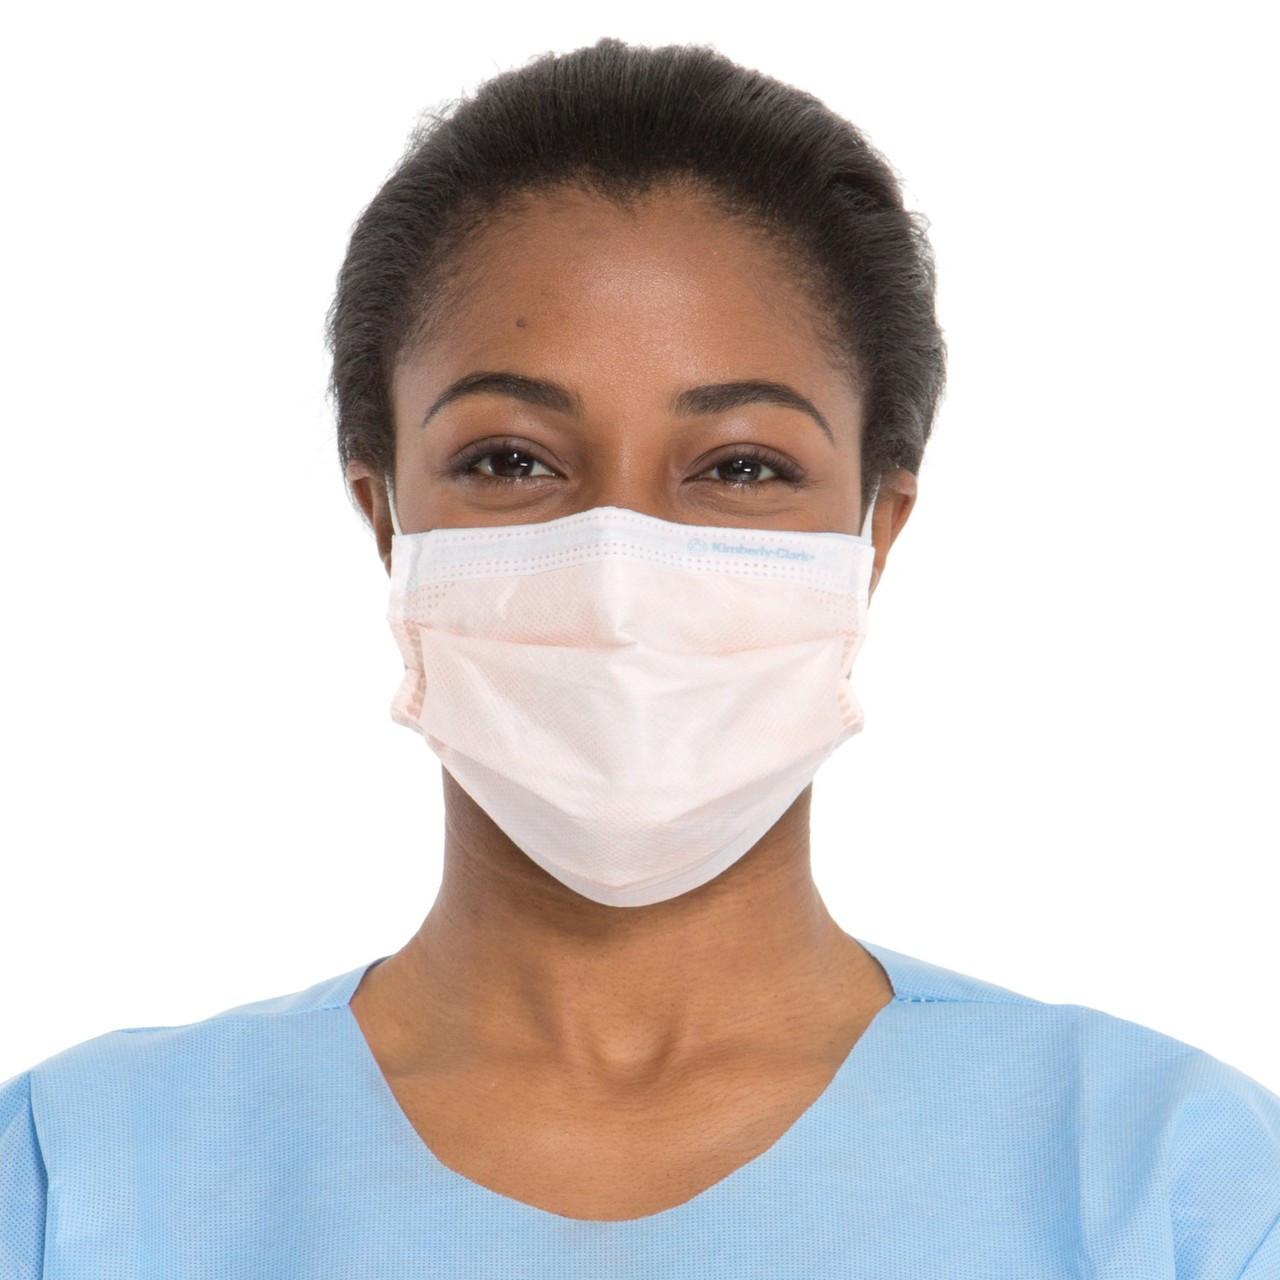 level iii surgical mask